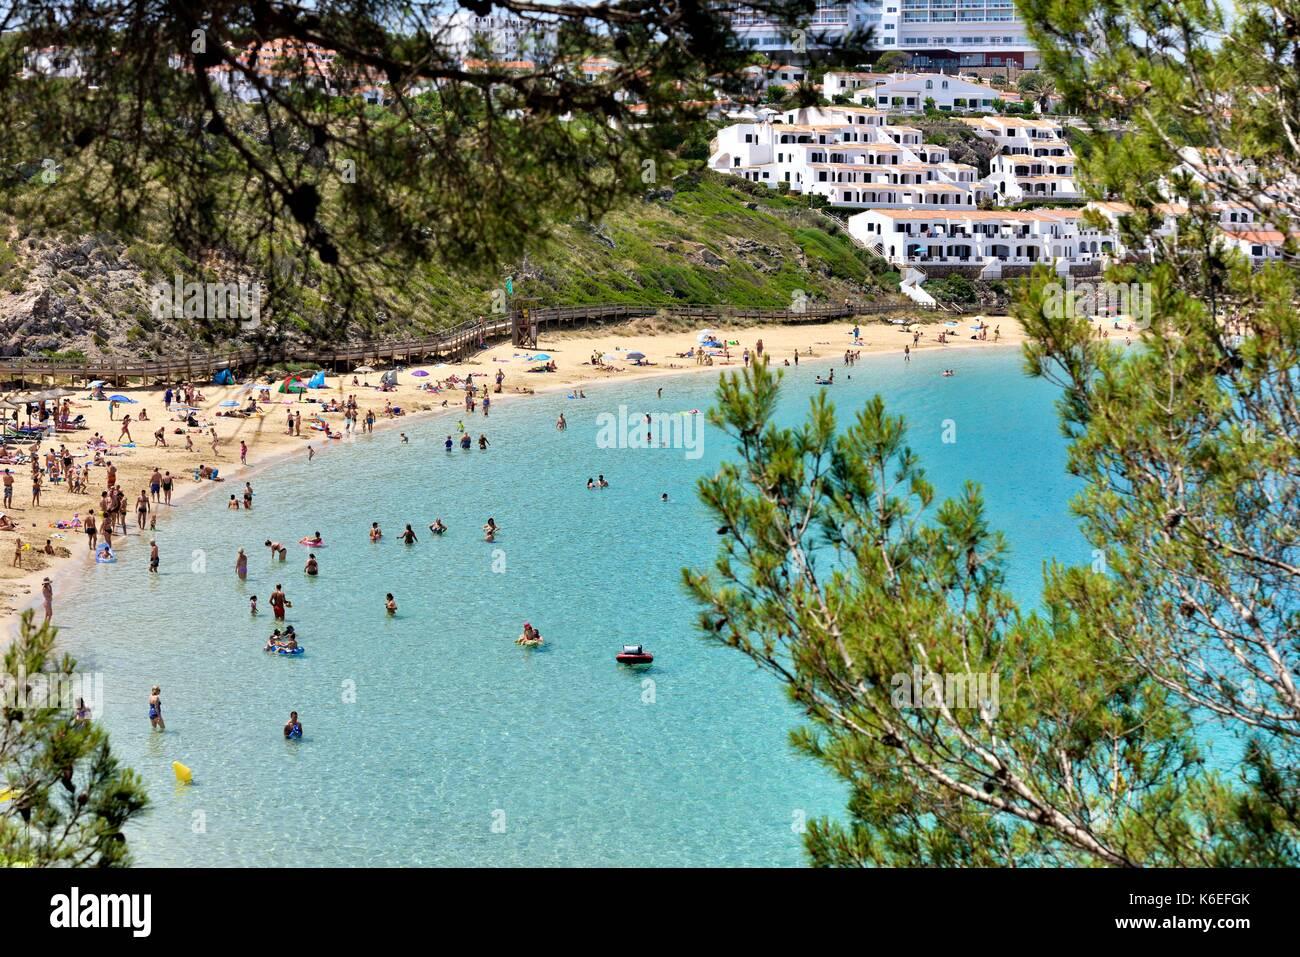 Le persone che si godono il Mediterraneo Oceano Arenal d'en Castell Minorca isole Baleari Spagna Immagini Stock